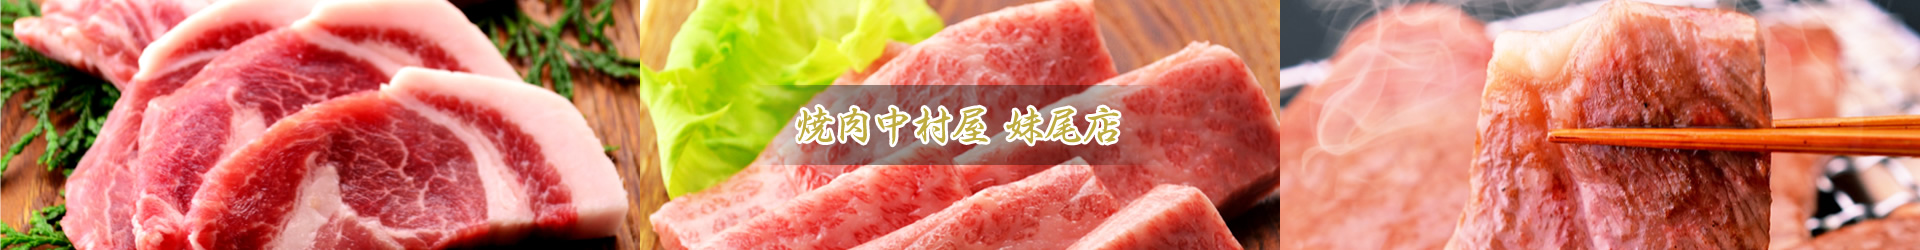 焼肉中村屋 妹尾店